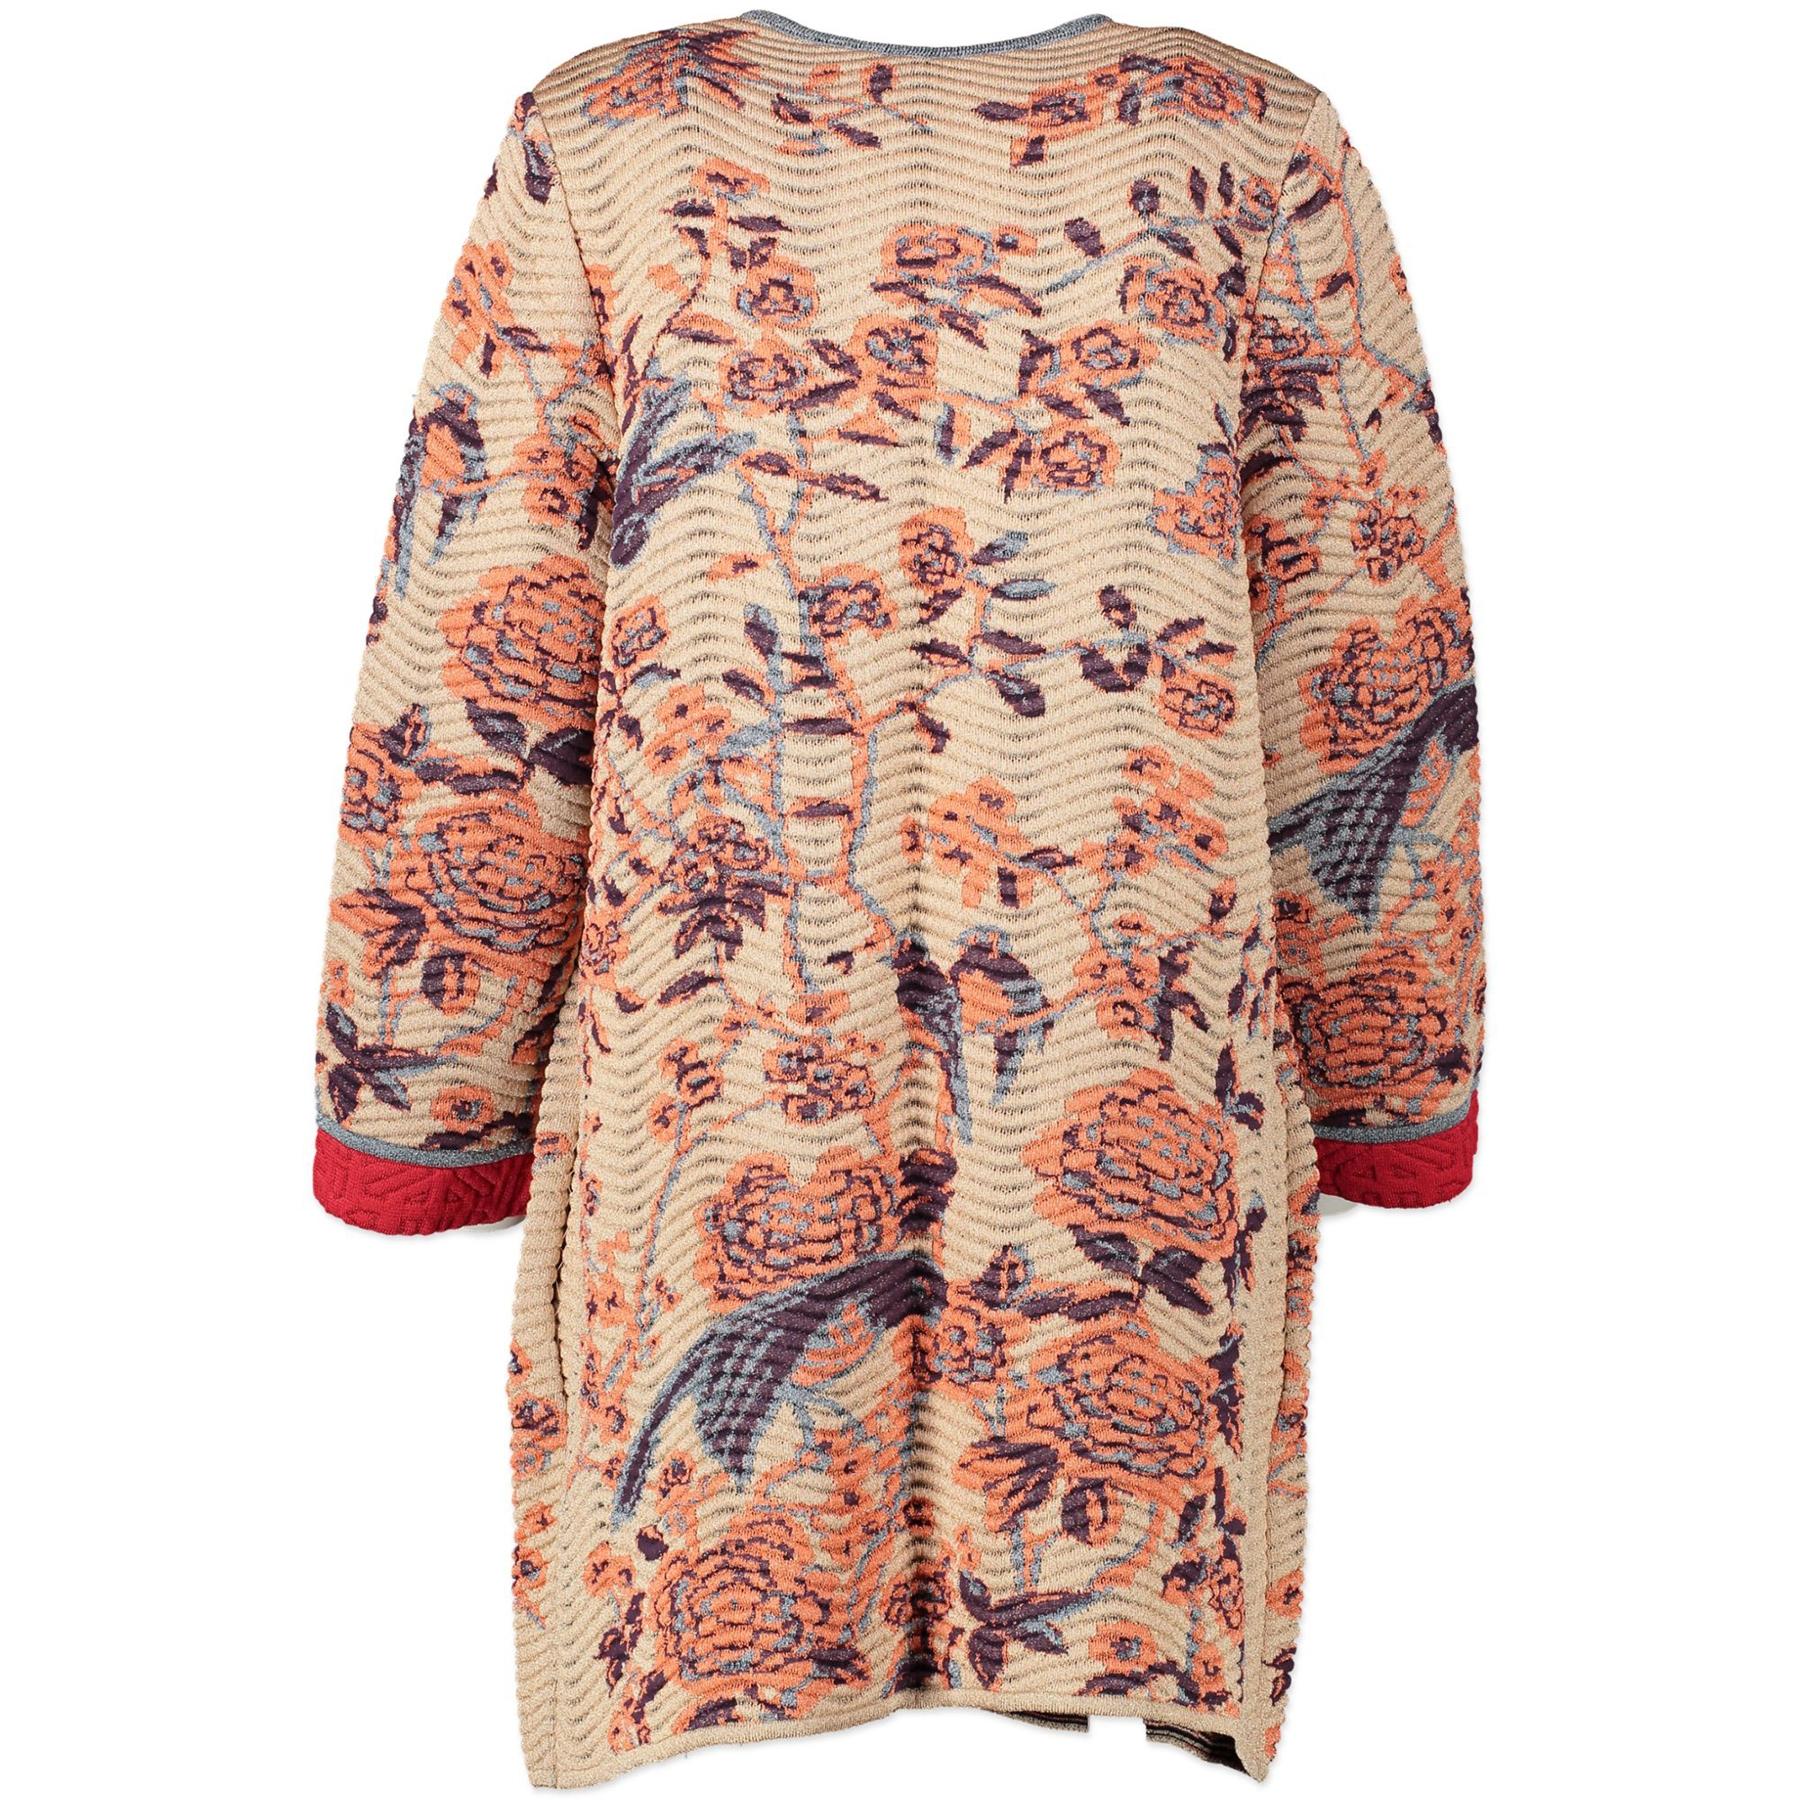 Missoni Crochet Vest With Flowers - IT size 44